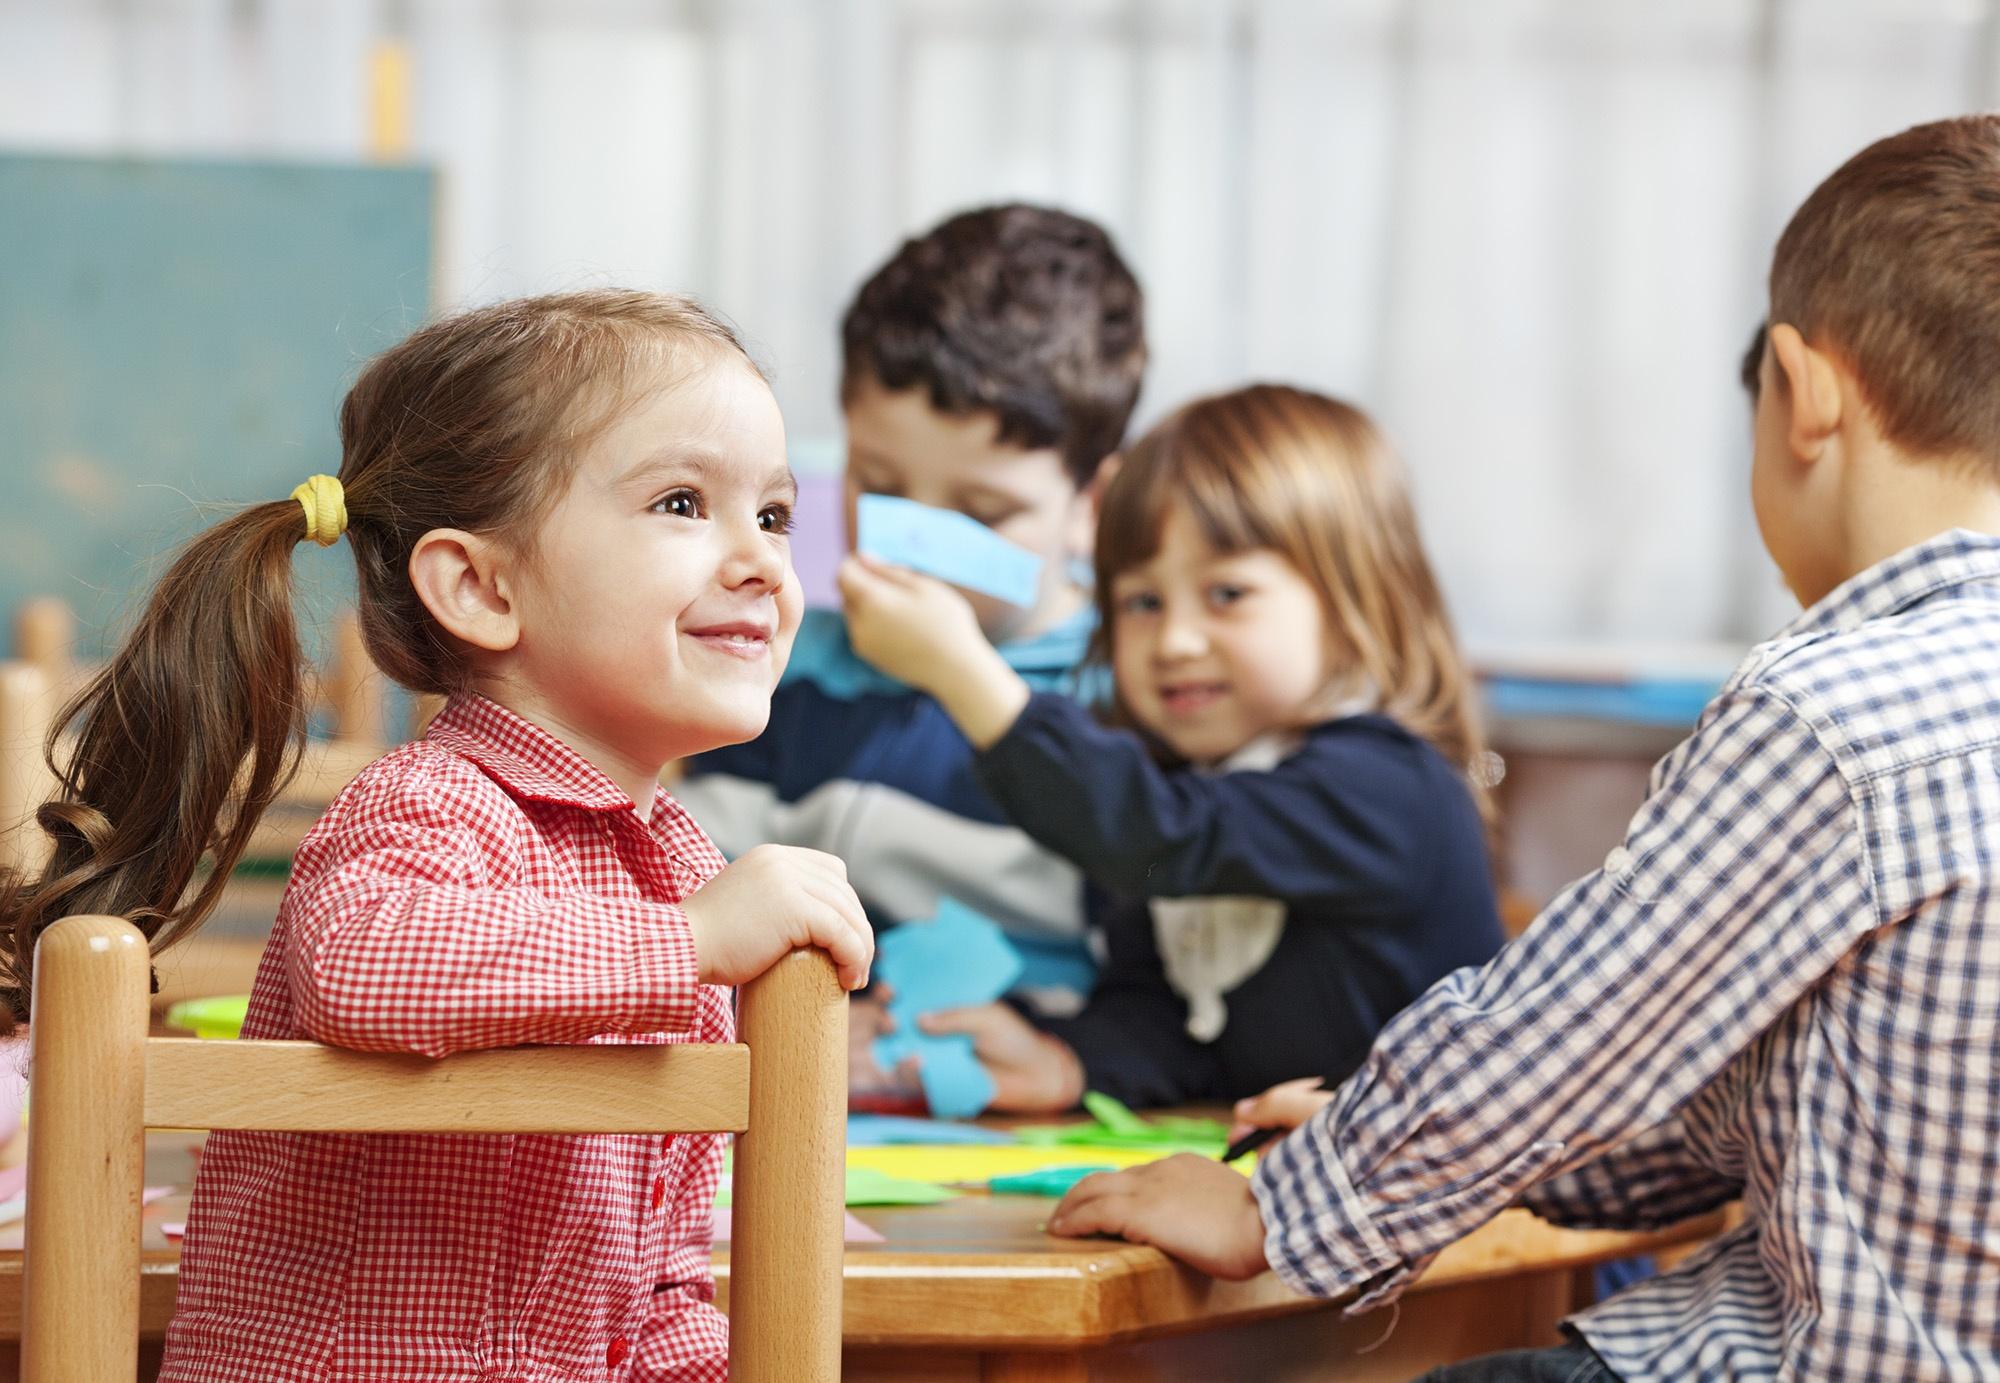 kiddos at school table.jpg